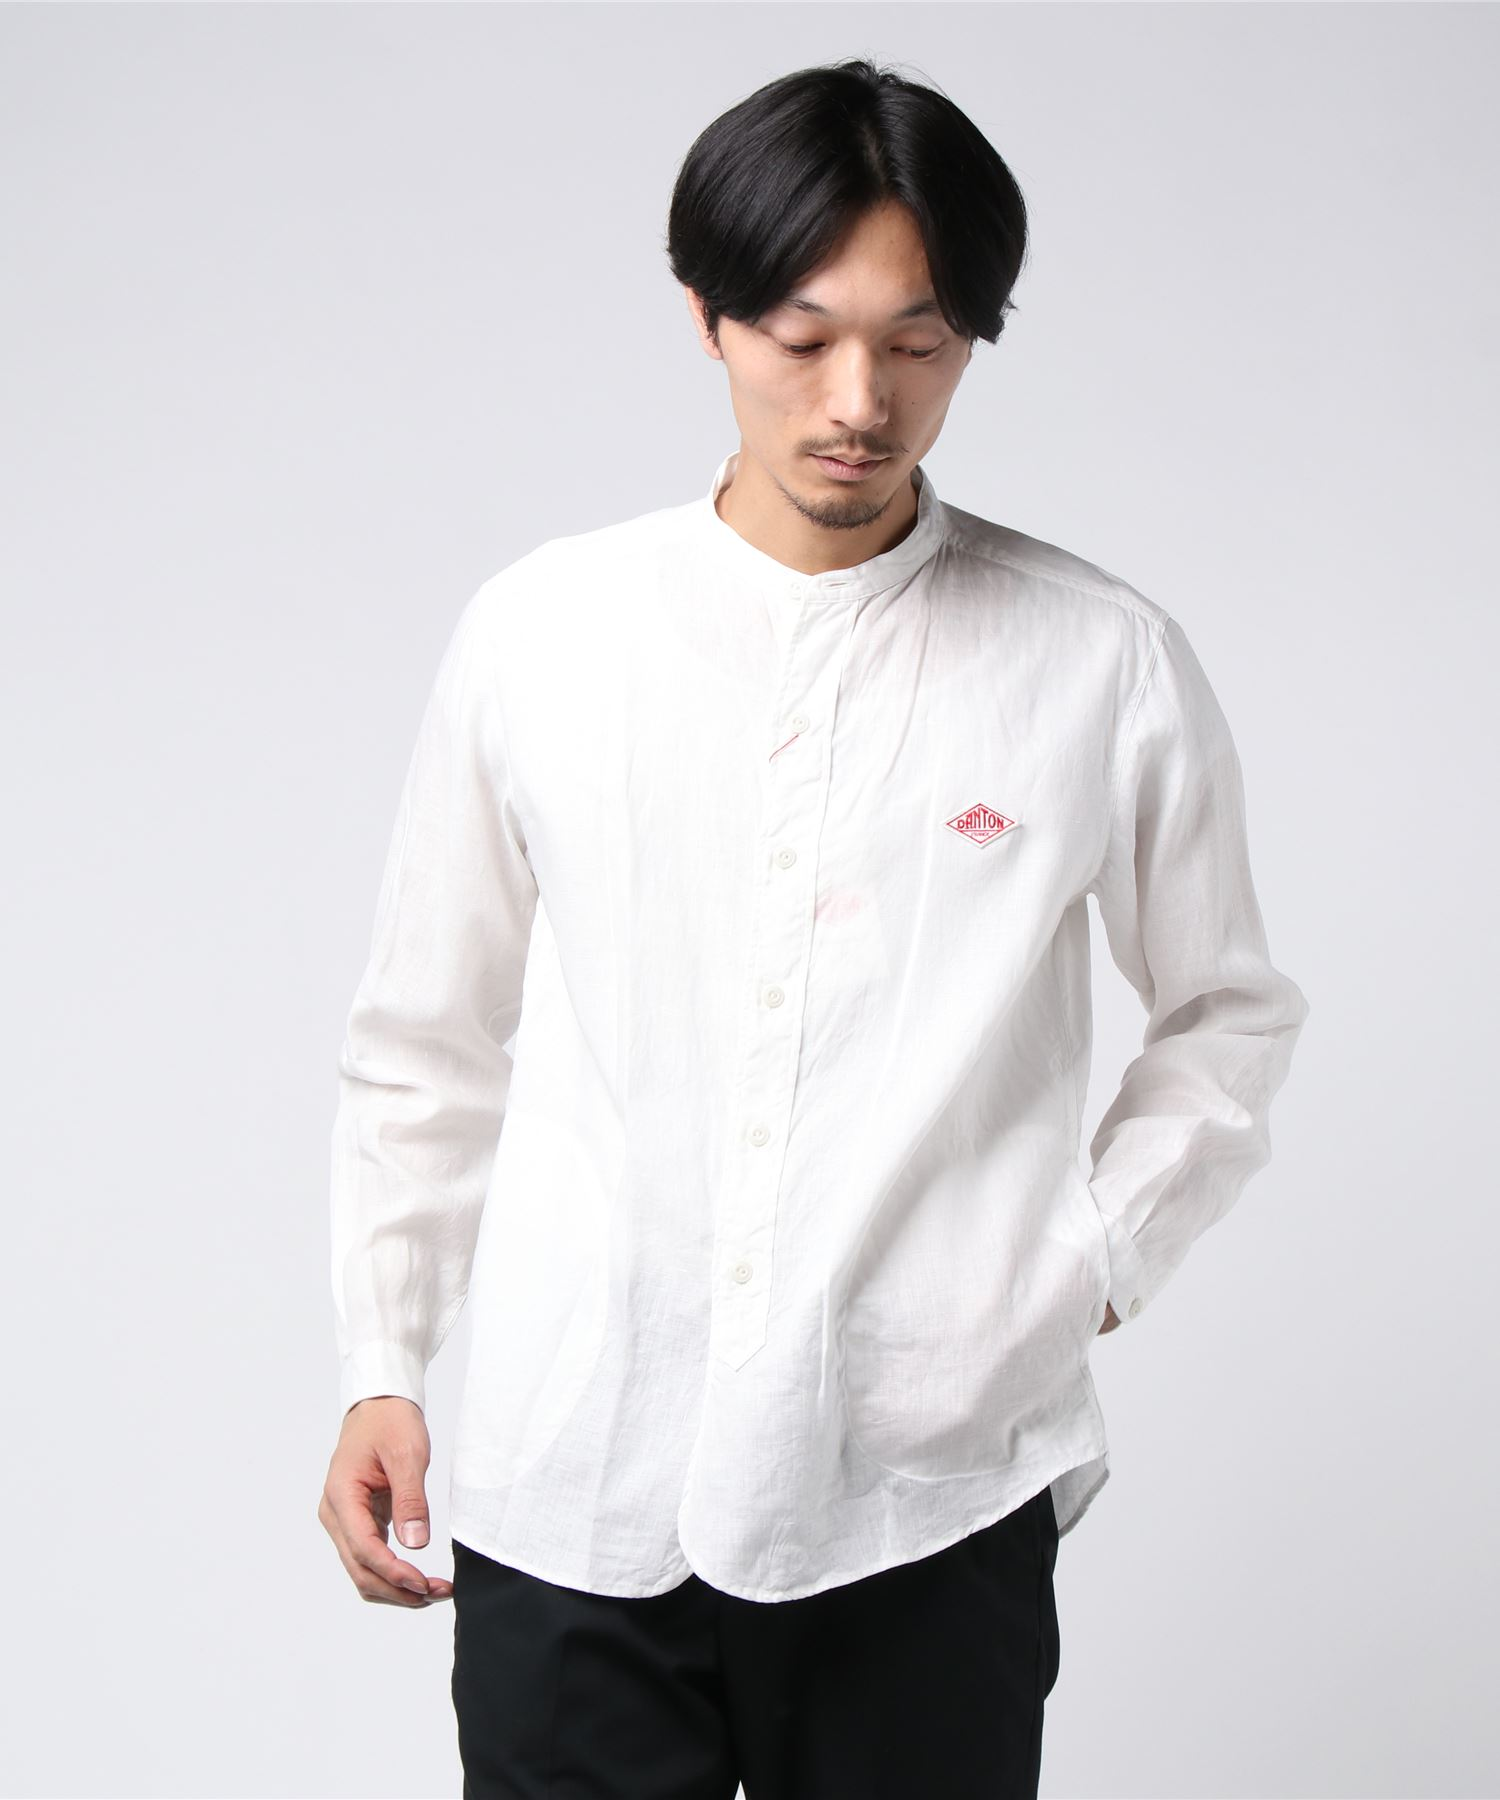 ダントン DANTON / ロゴワッペンバンドカラーシャツ